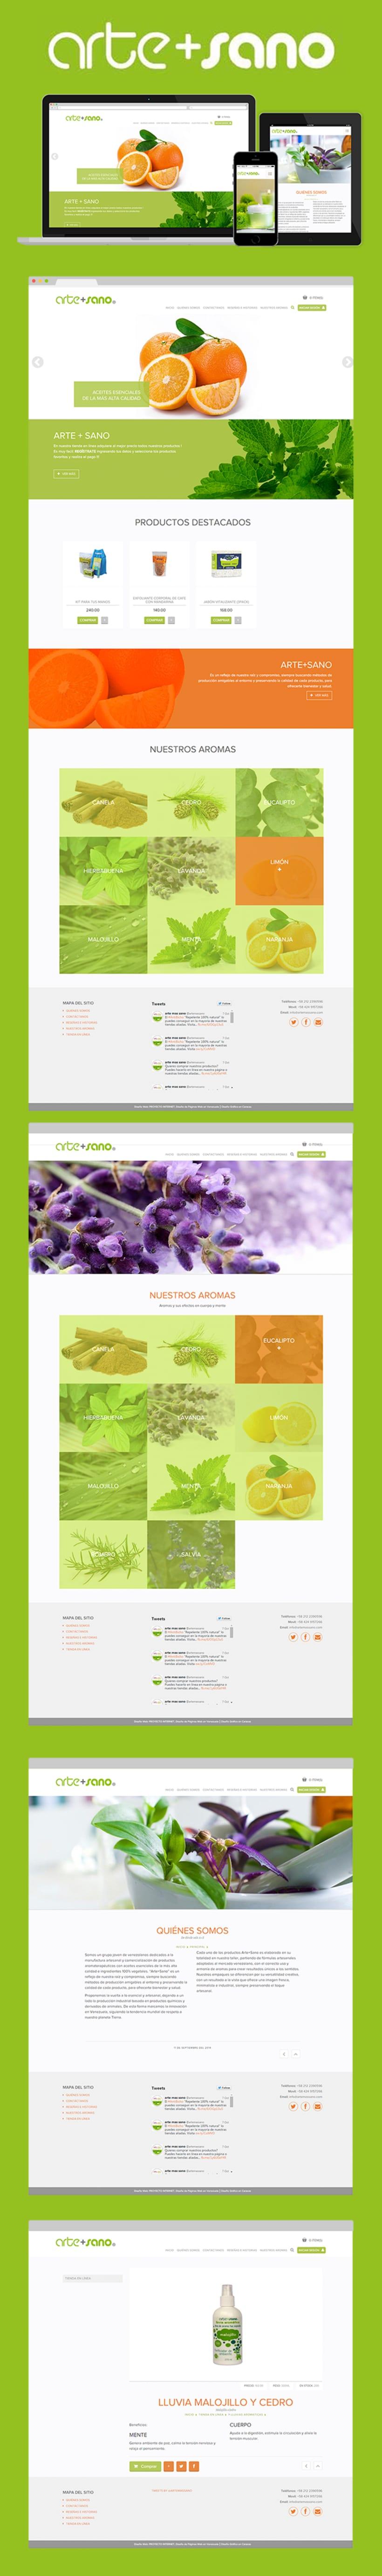 Arte+Sana - Web Design + UX/IU -1